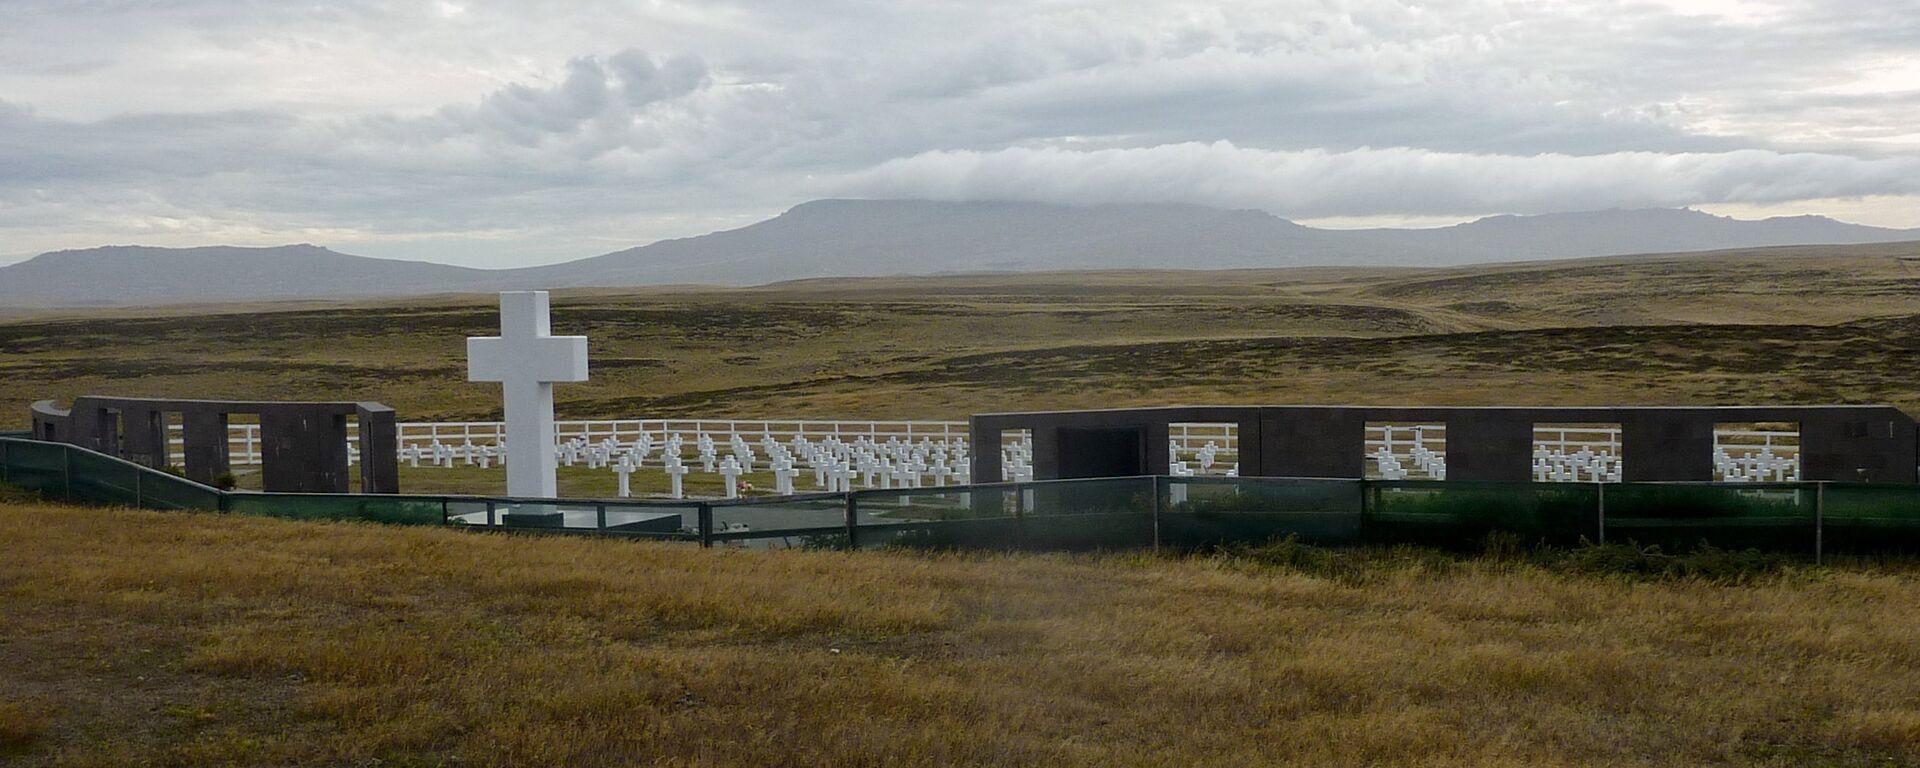 El Cementerio de Darwin en Malvinas - Sputnik Mundo, 1920, 09.08.2021